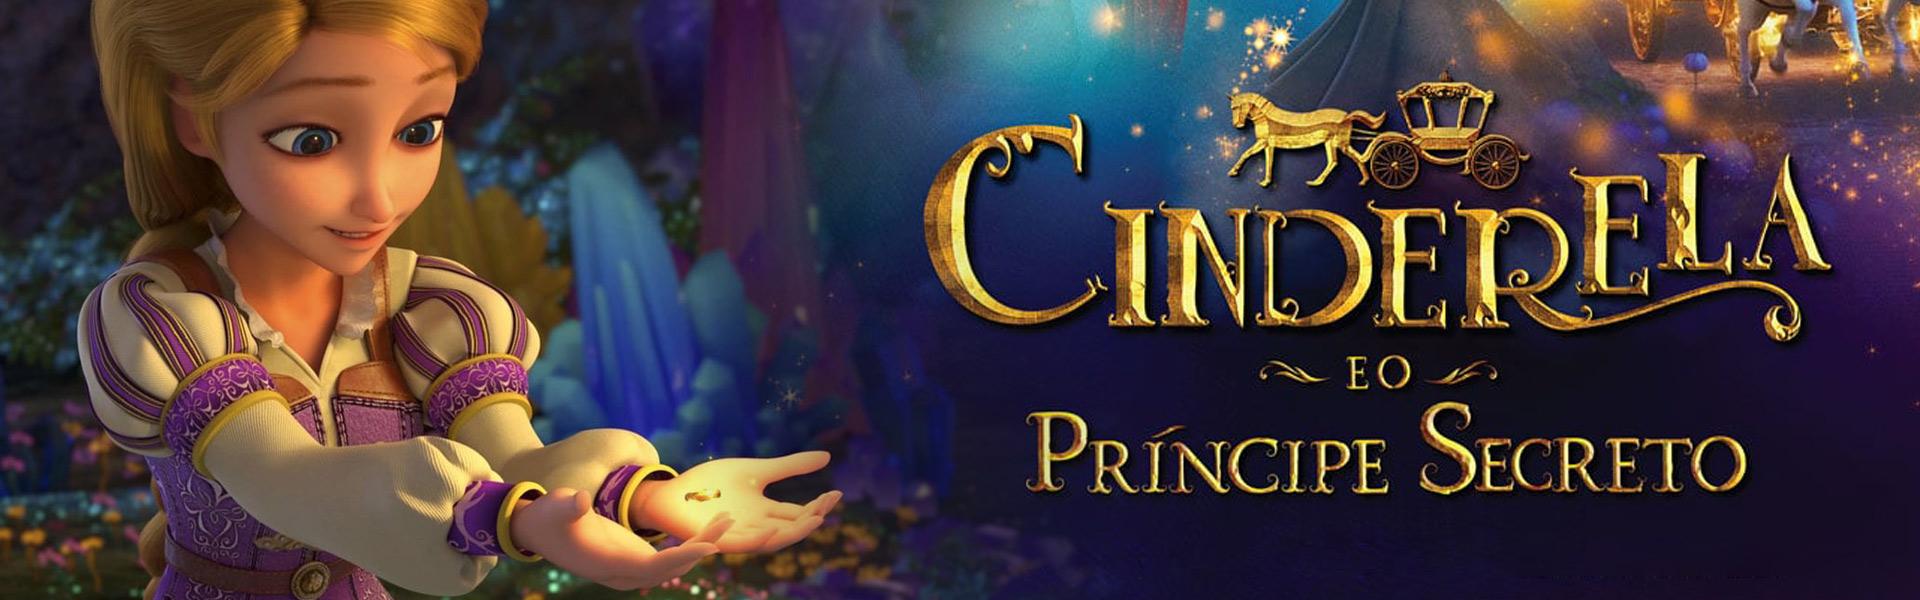 Cinderela e o Príncipe Secreto